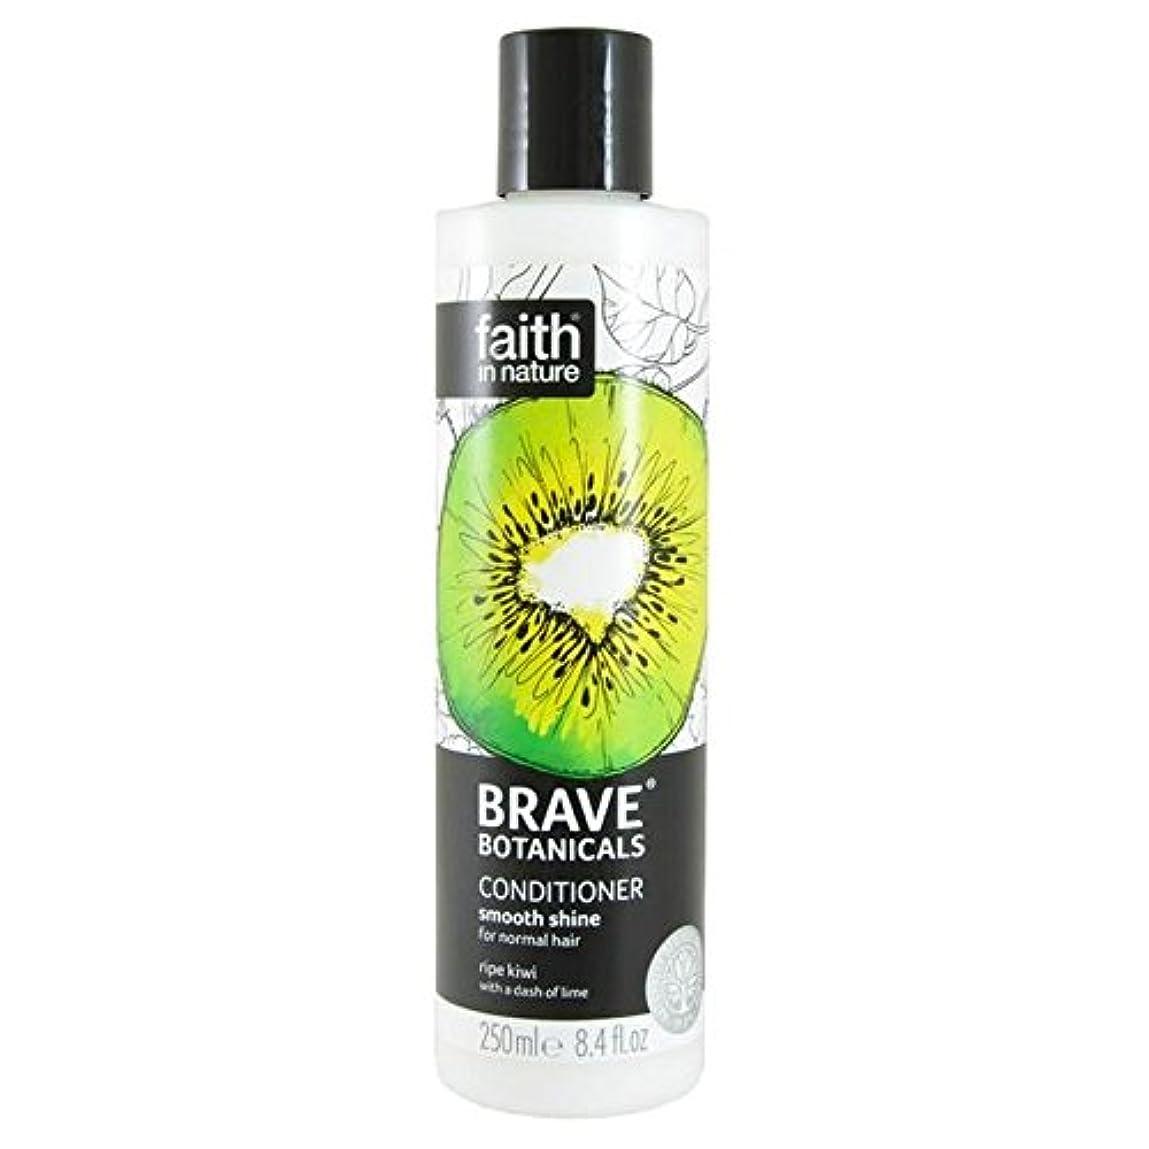 マイル大理石大Brave Botanicals Kiwi & Lime Smooth Shine Conditioner 250ml (Pack of 2) - (Faith In Nature) 勇敢な植物キウイ&ライムなめらかな輝...